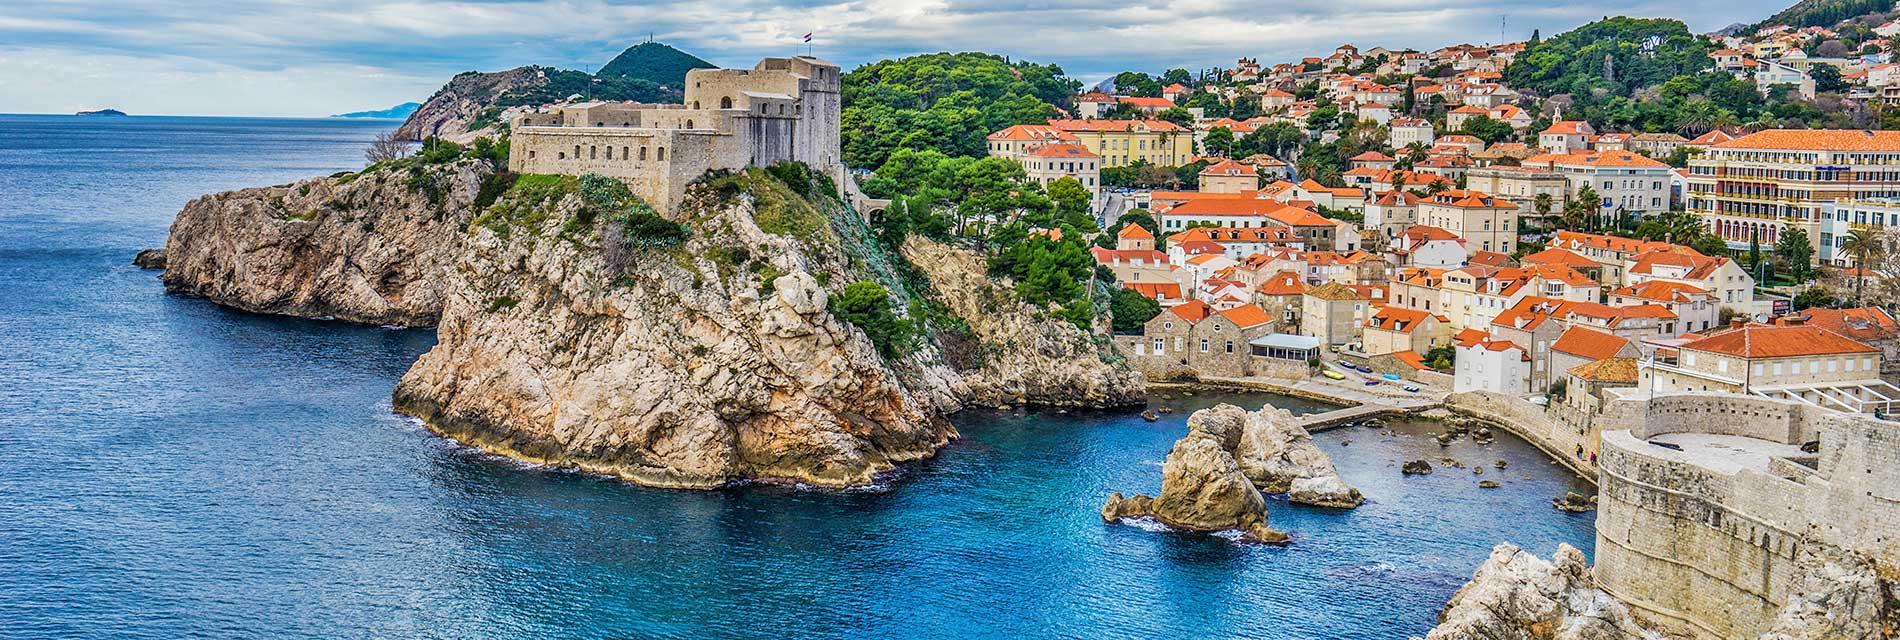 Kryssning Kroatien, Montenegro, Albanien och Grekland